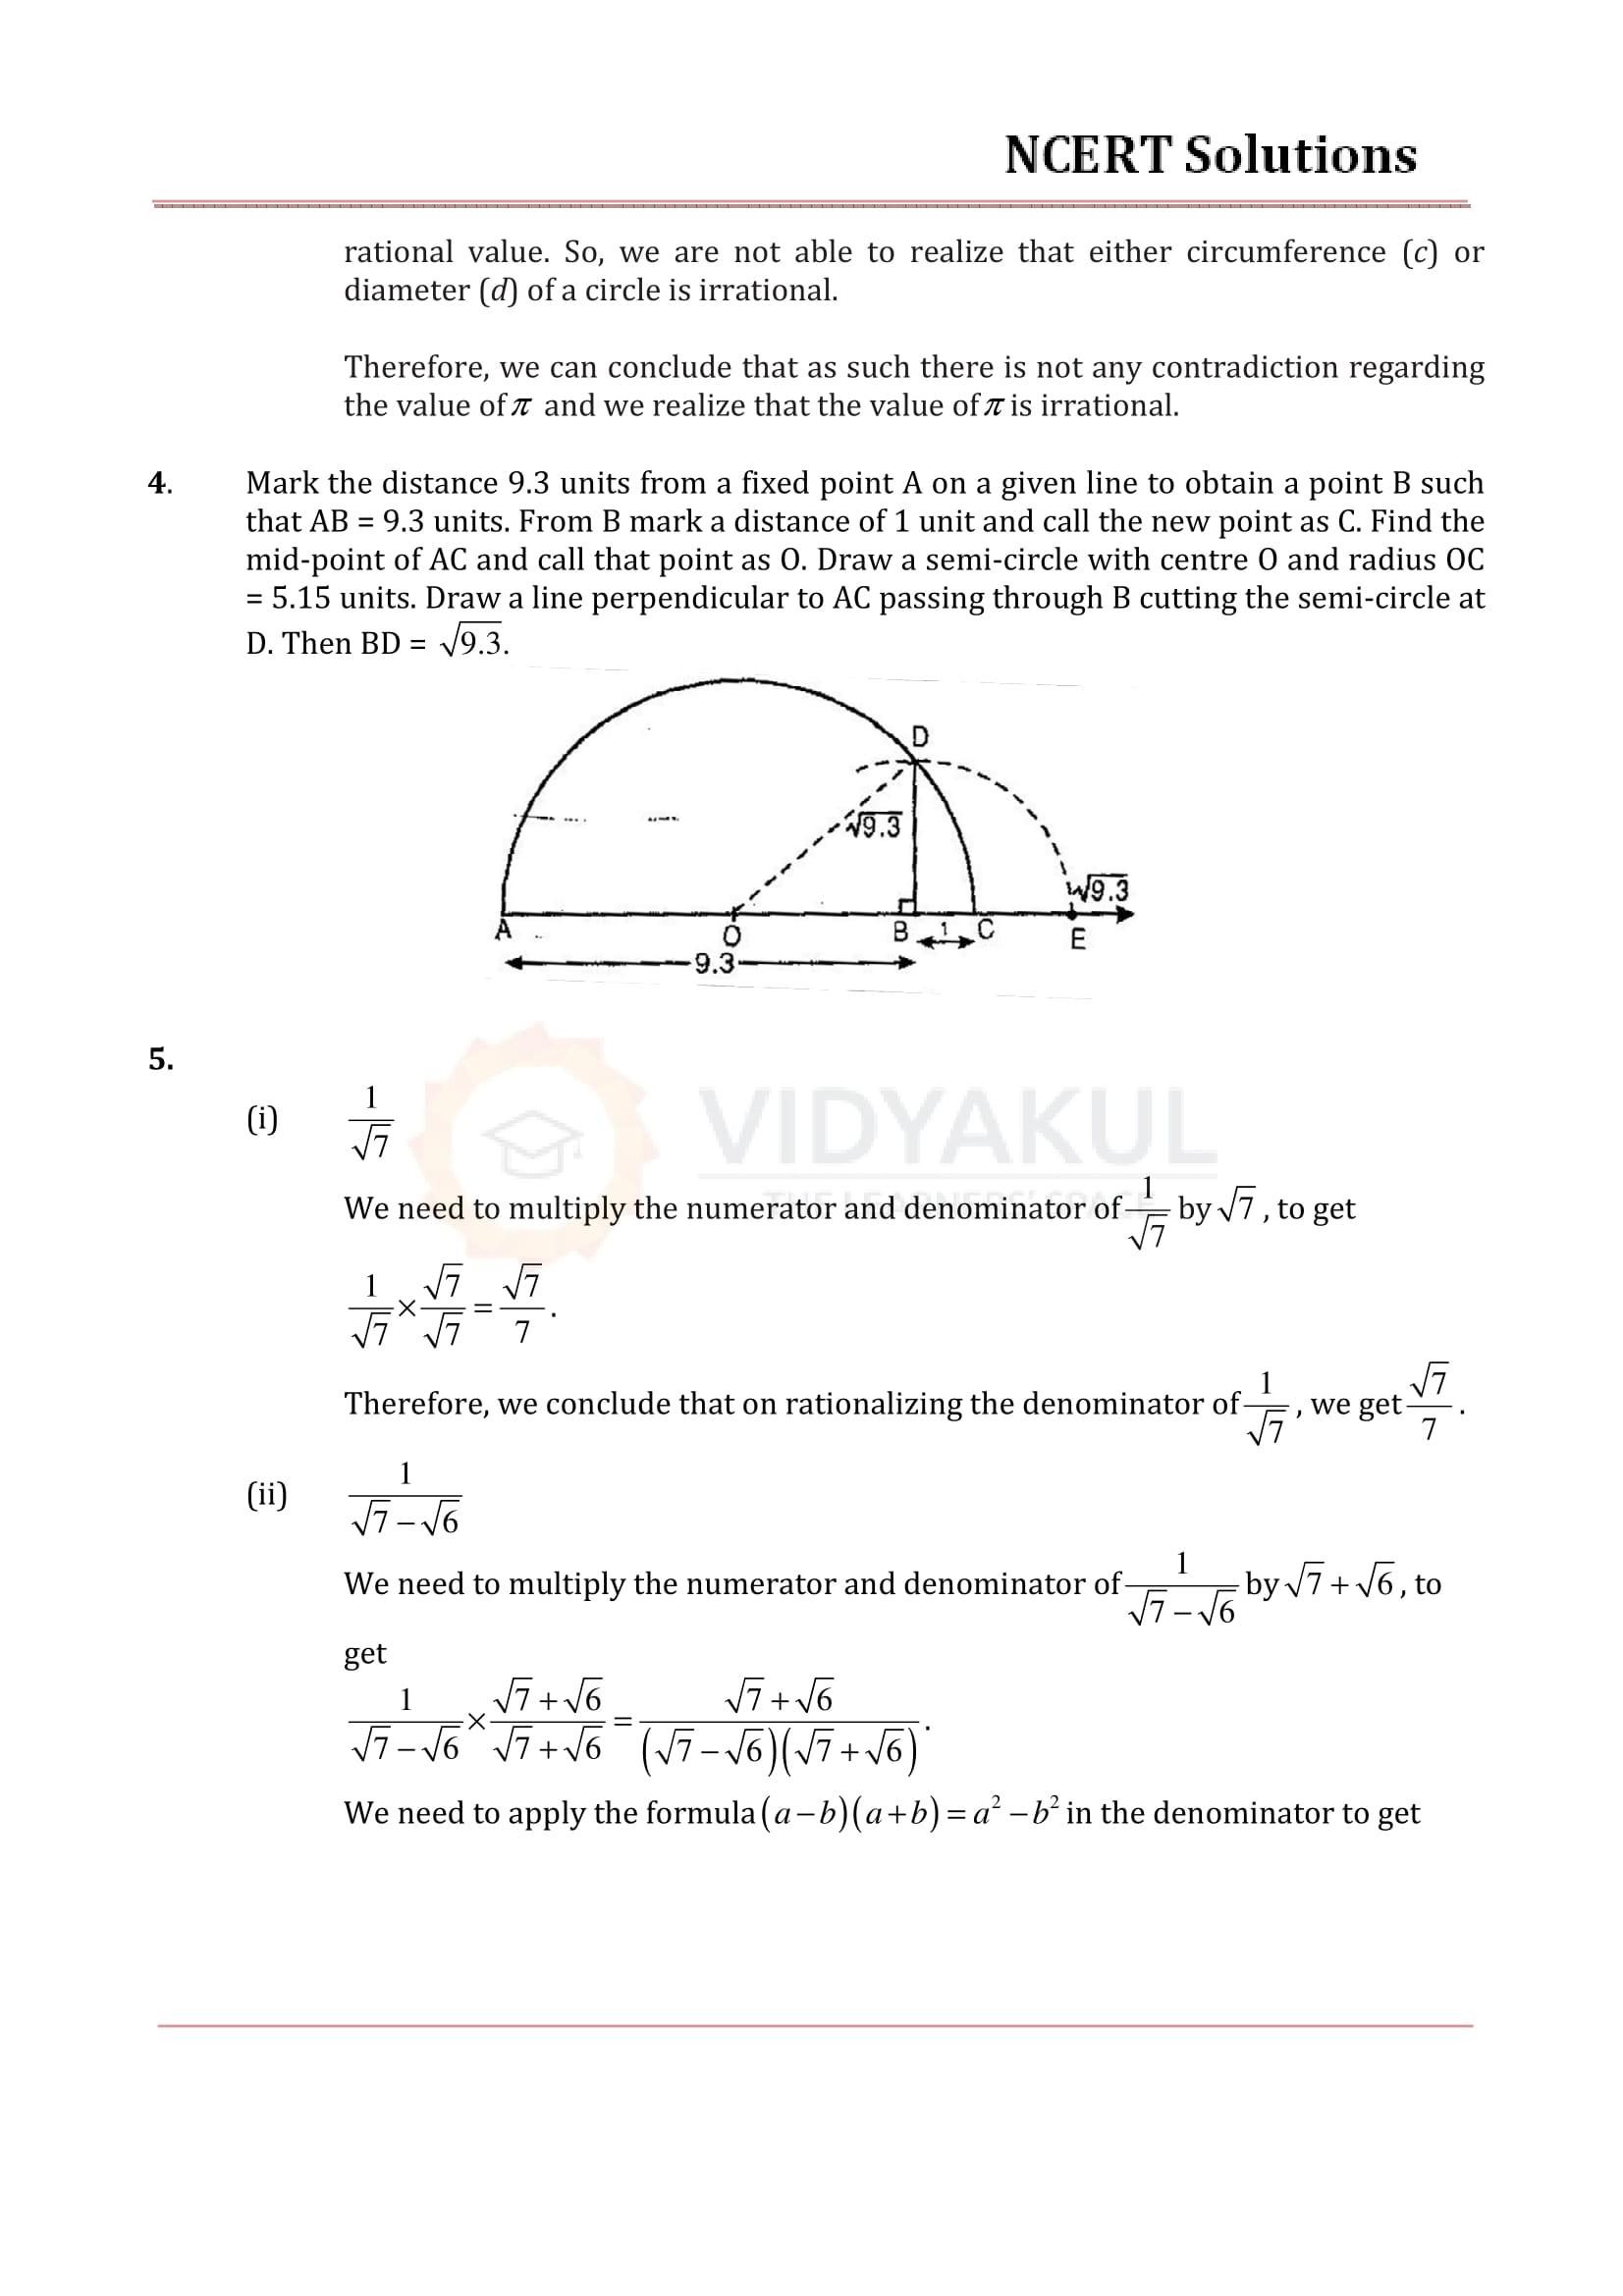 NCERT Solutions for Class 9 Maths Chapter 1 | Vidyakul